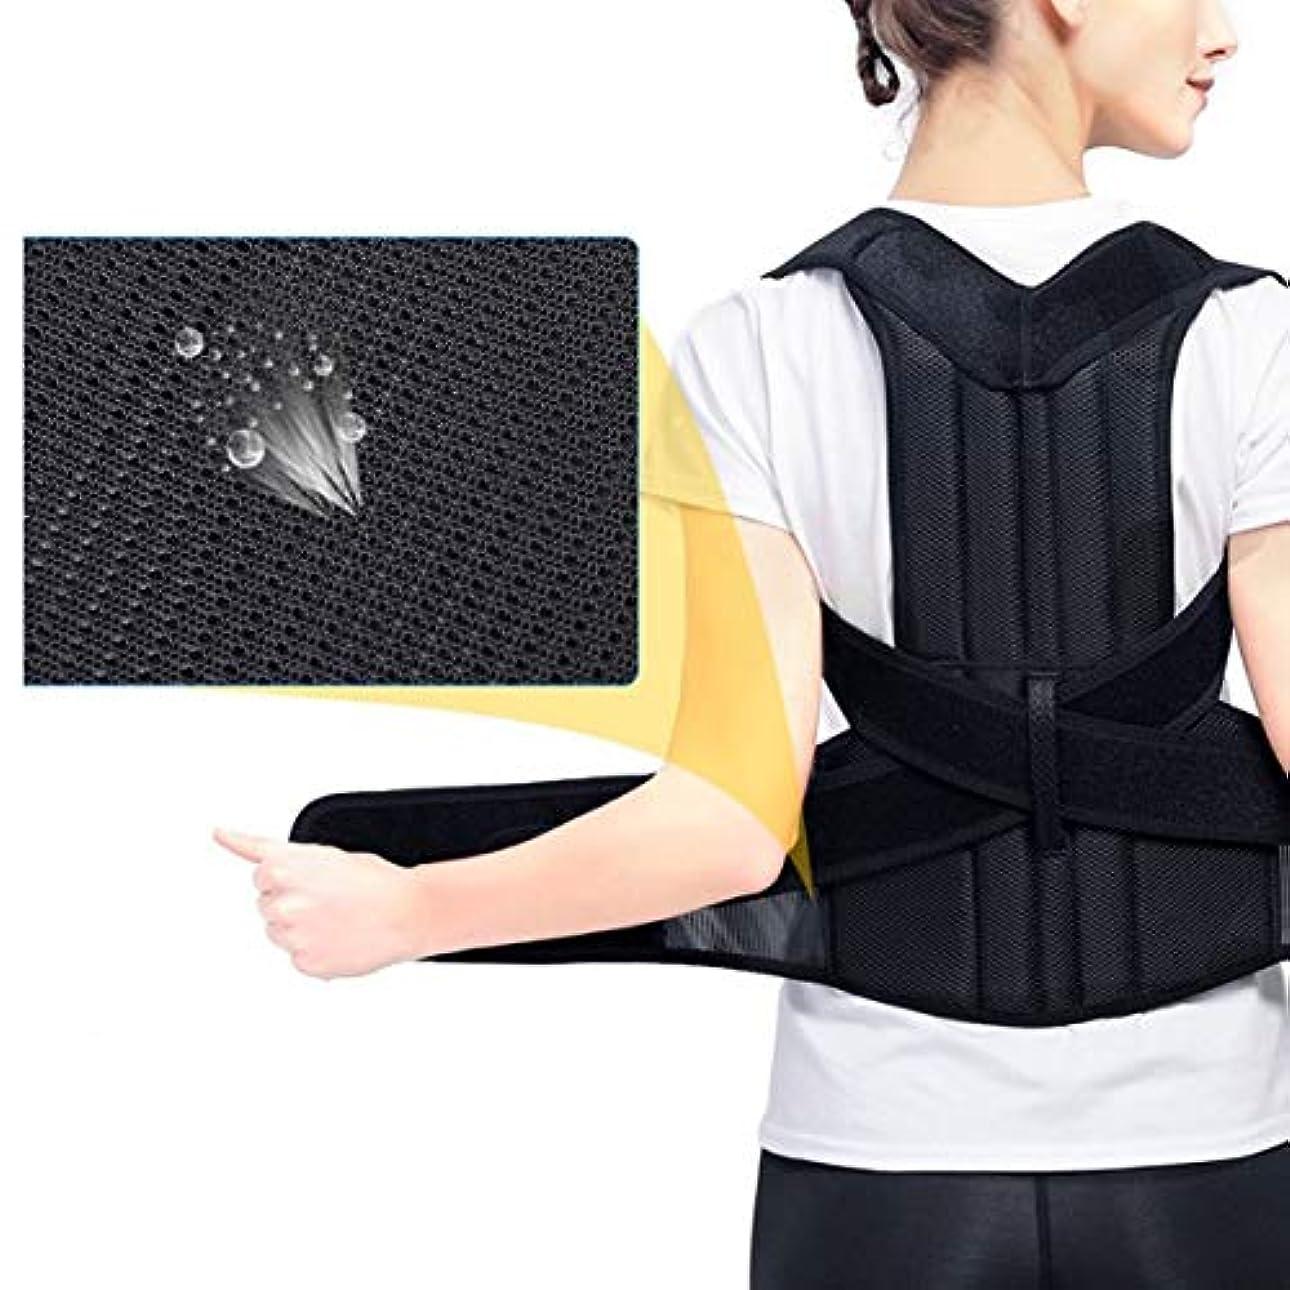 安価な繁殖スパン腰椎矯正バックブレース背骨装具側弯症腰椎サポート脊椎湾曲装具固定用姿勢 - 黒